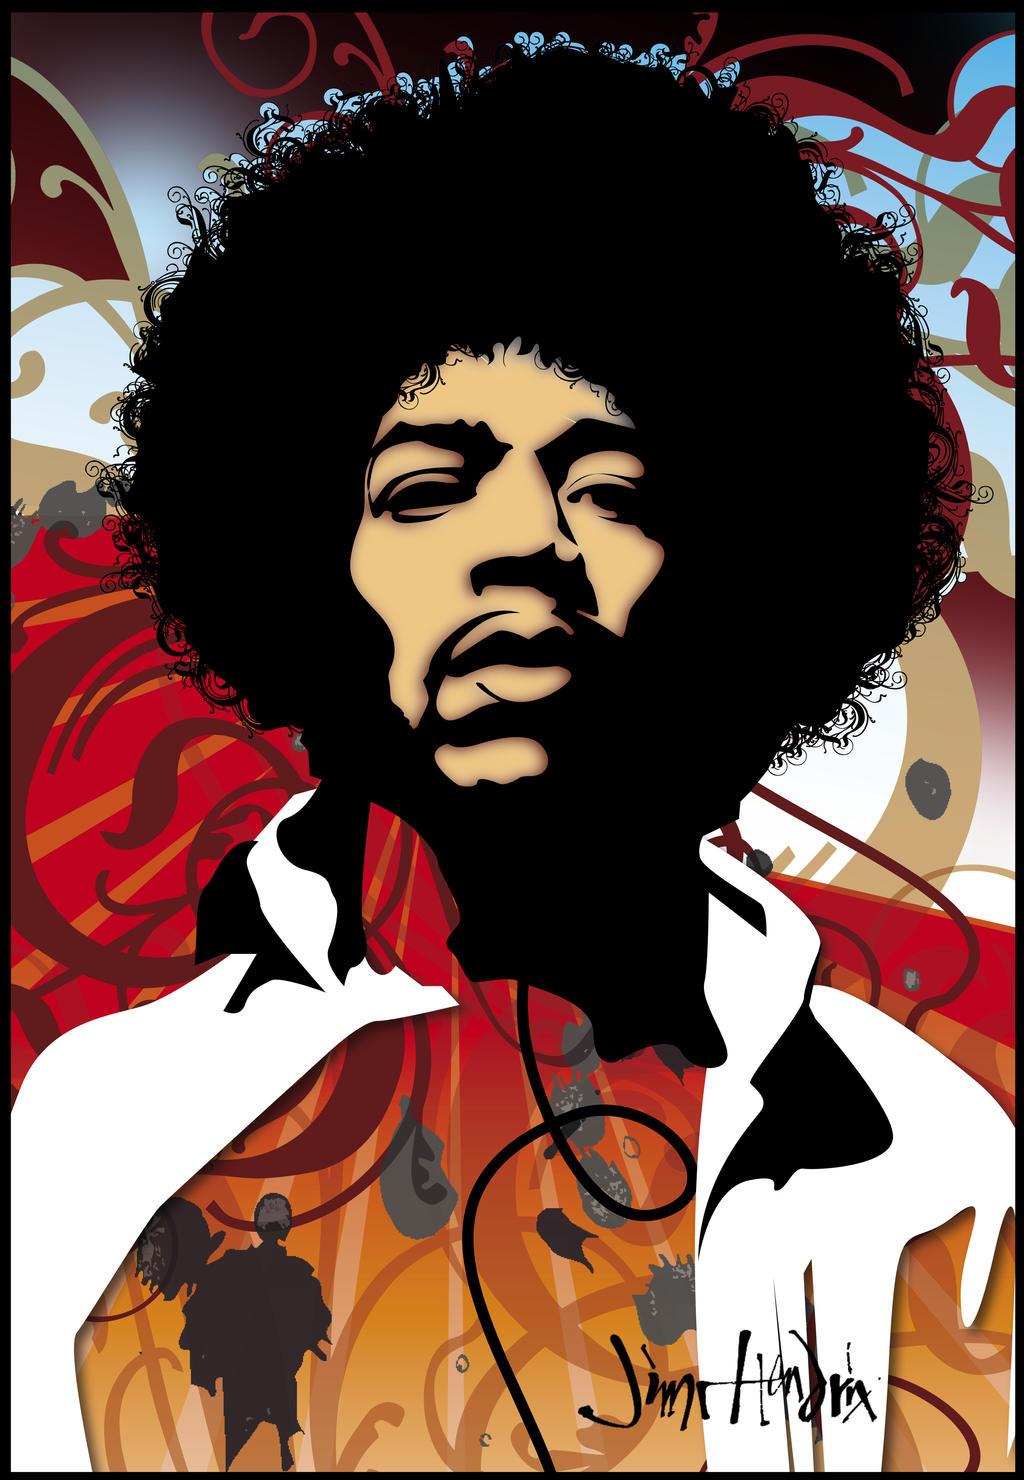 Jimi Hendrix by josephsos